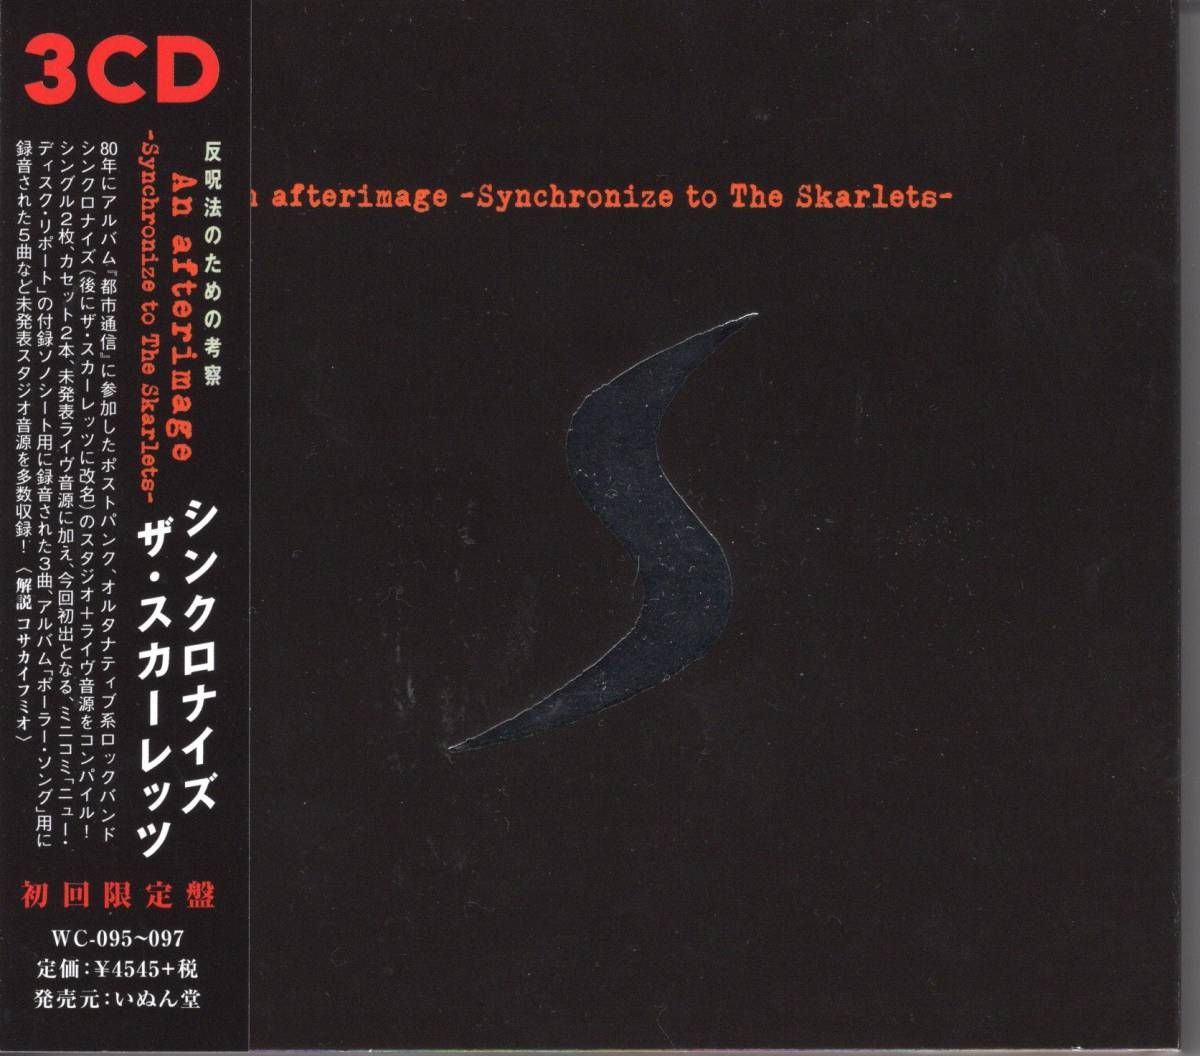 即決3CD+7inch シンクロナイズ、ザ・スカーレッツ/An afterimage- Synchronize to The Skarlets _画像1